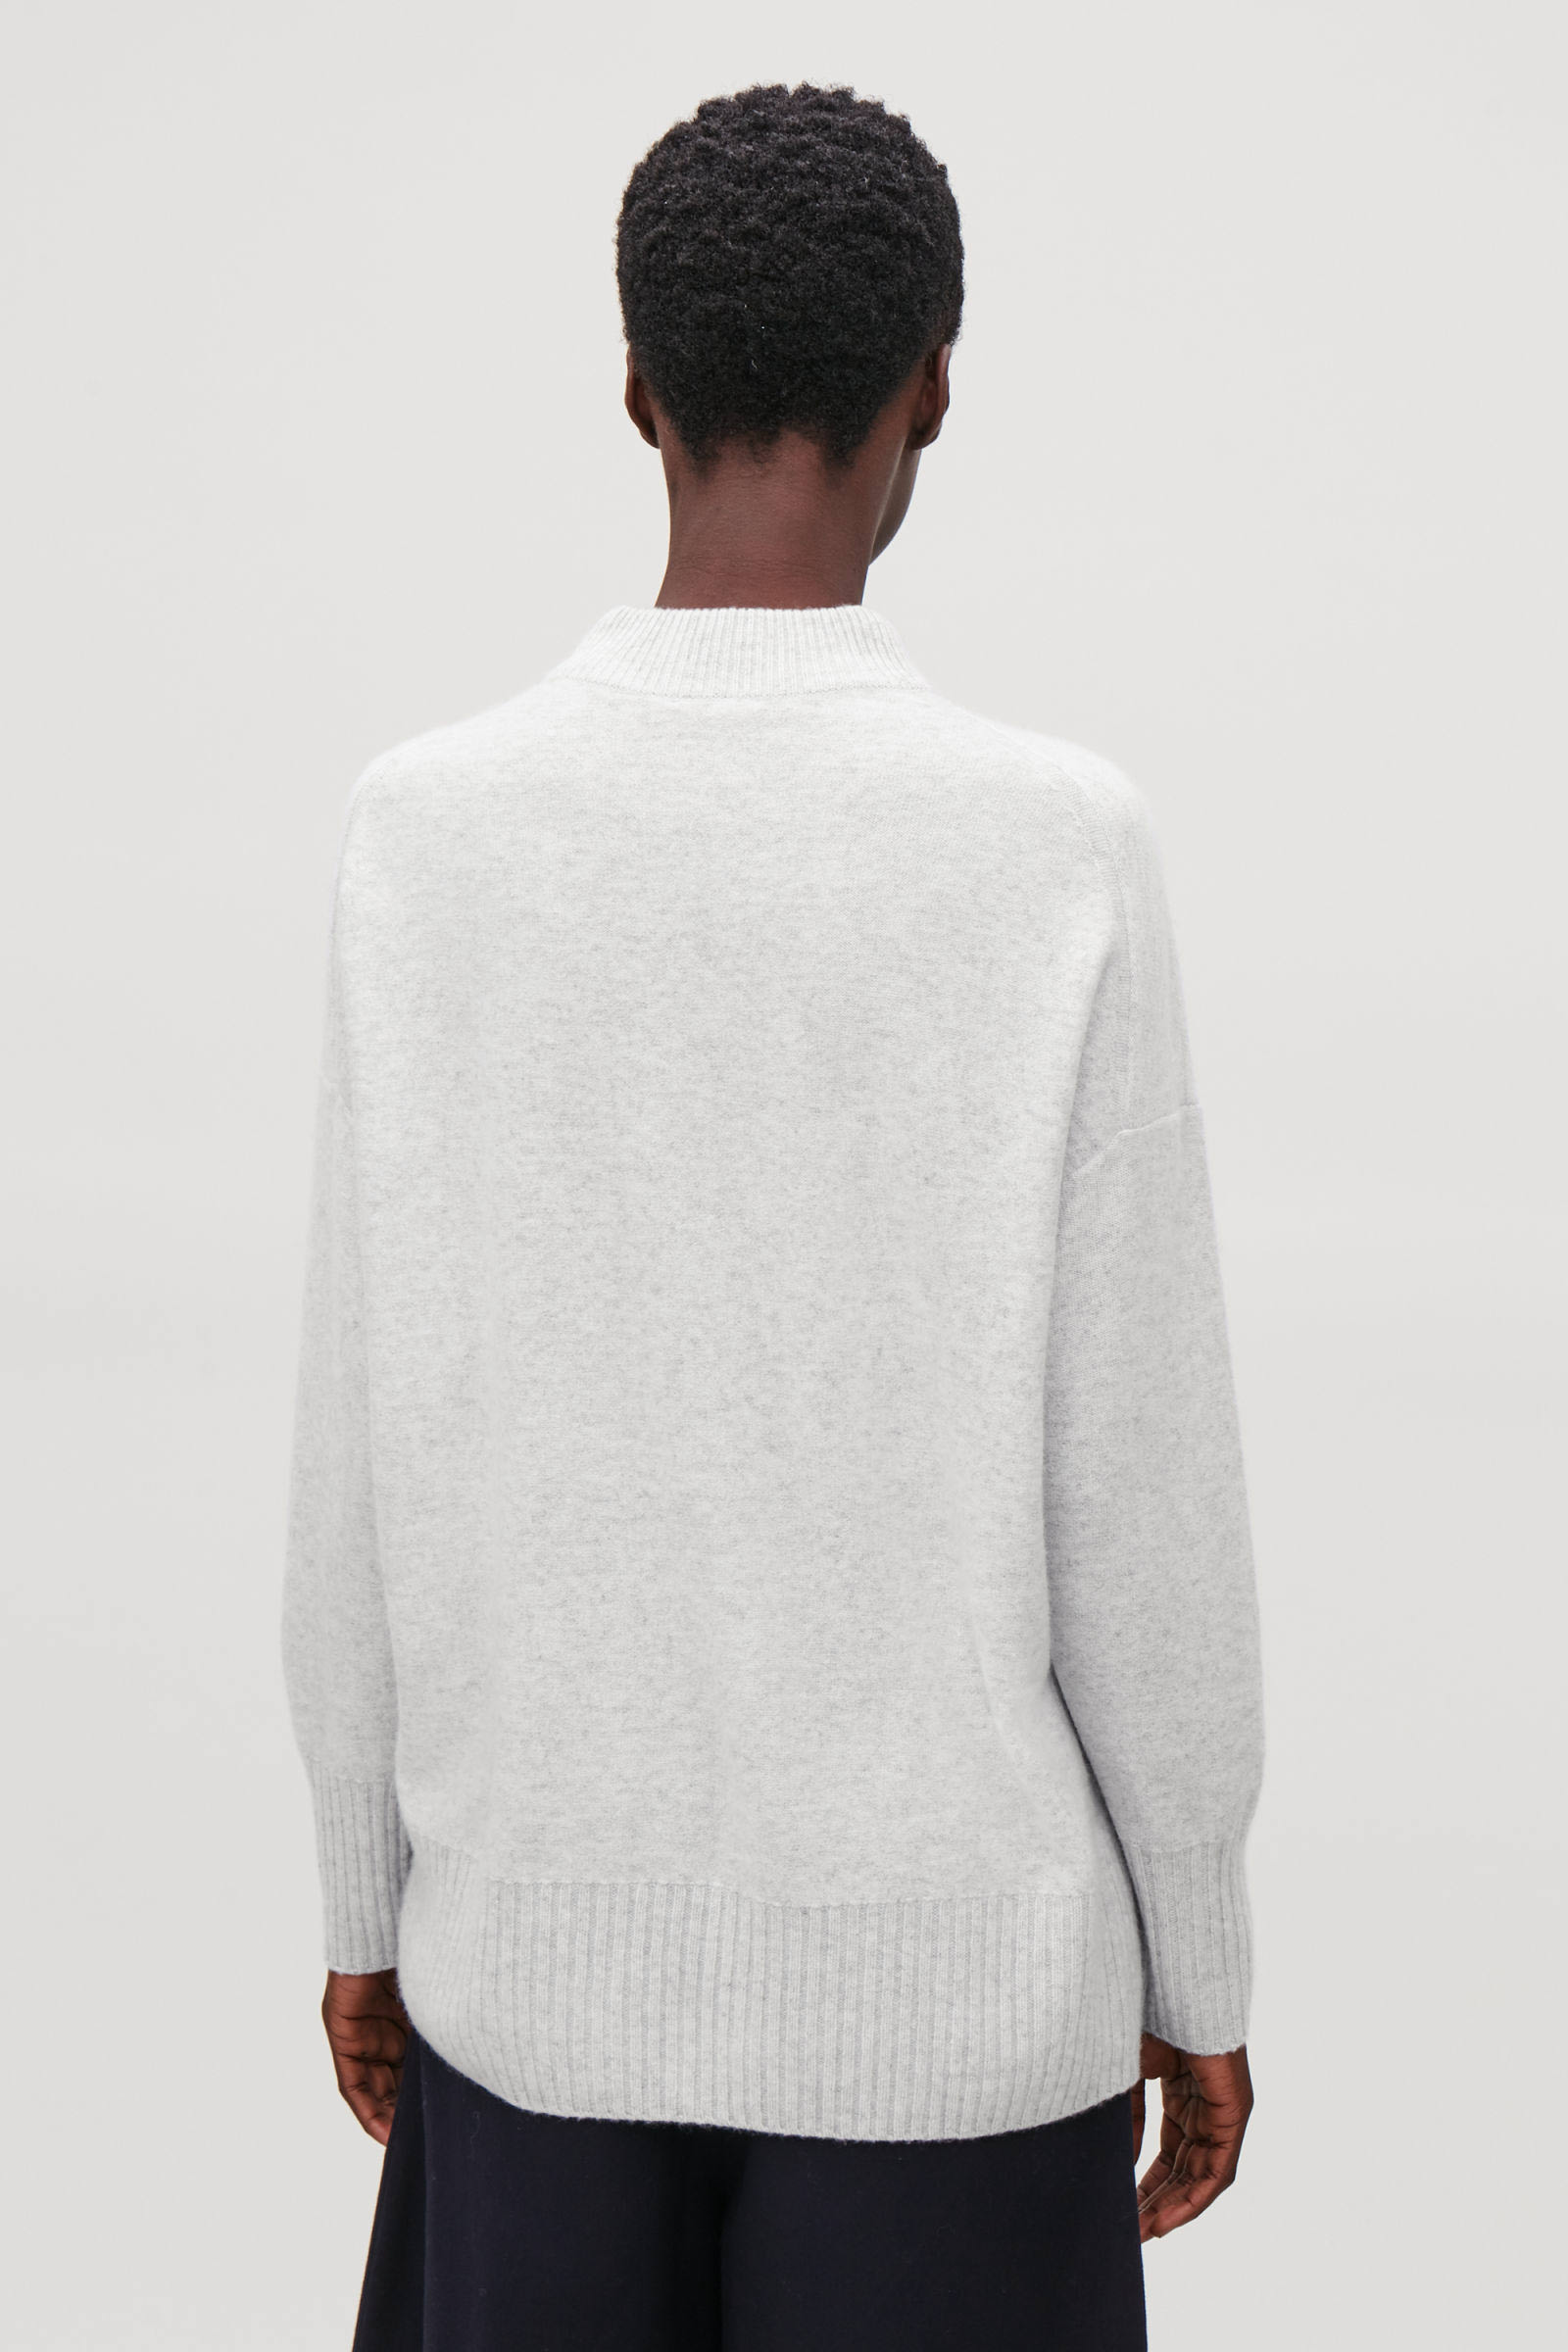 COS 청키 리브 캐시미어 스웨터의 그레이 멜란지컬러 ECOMLook입니다.